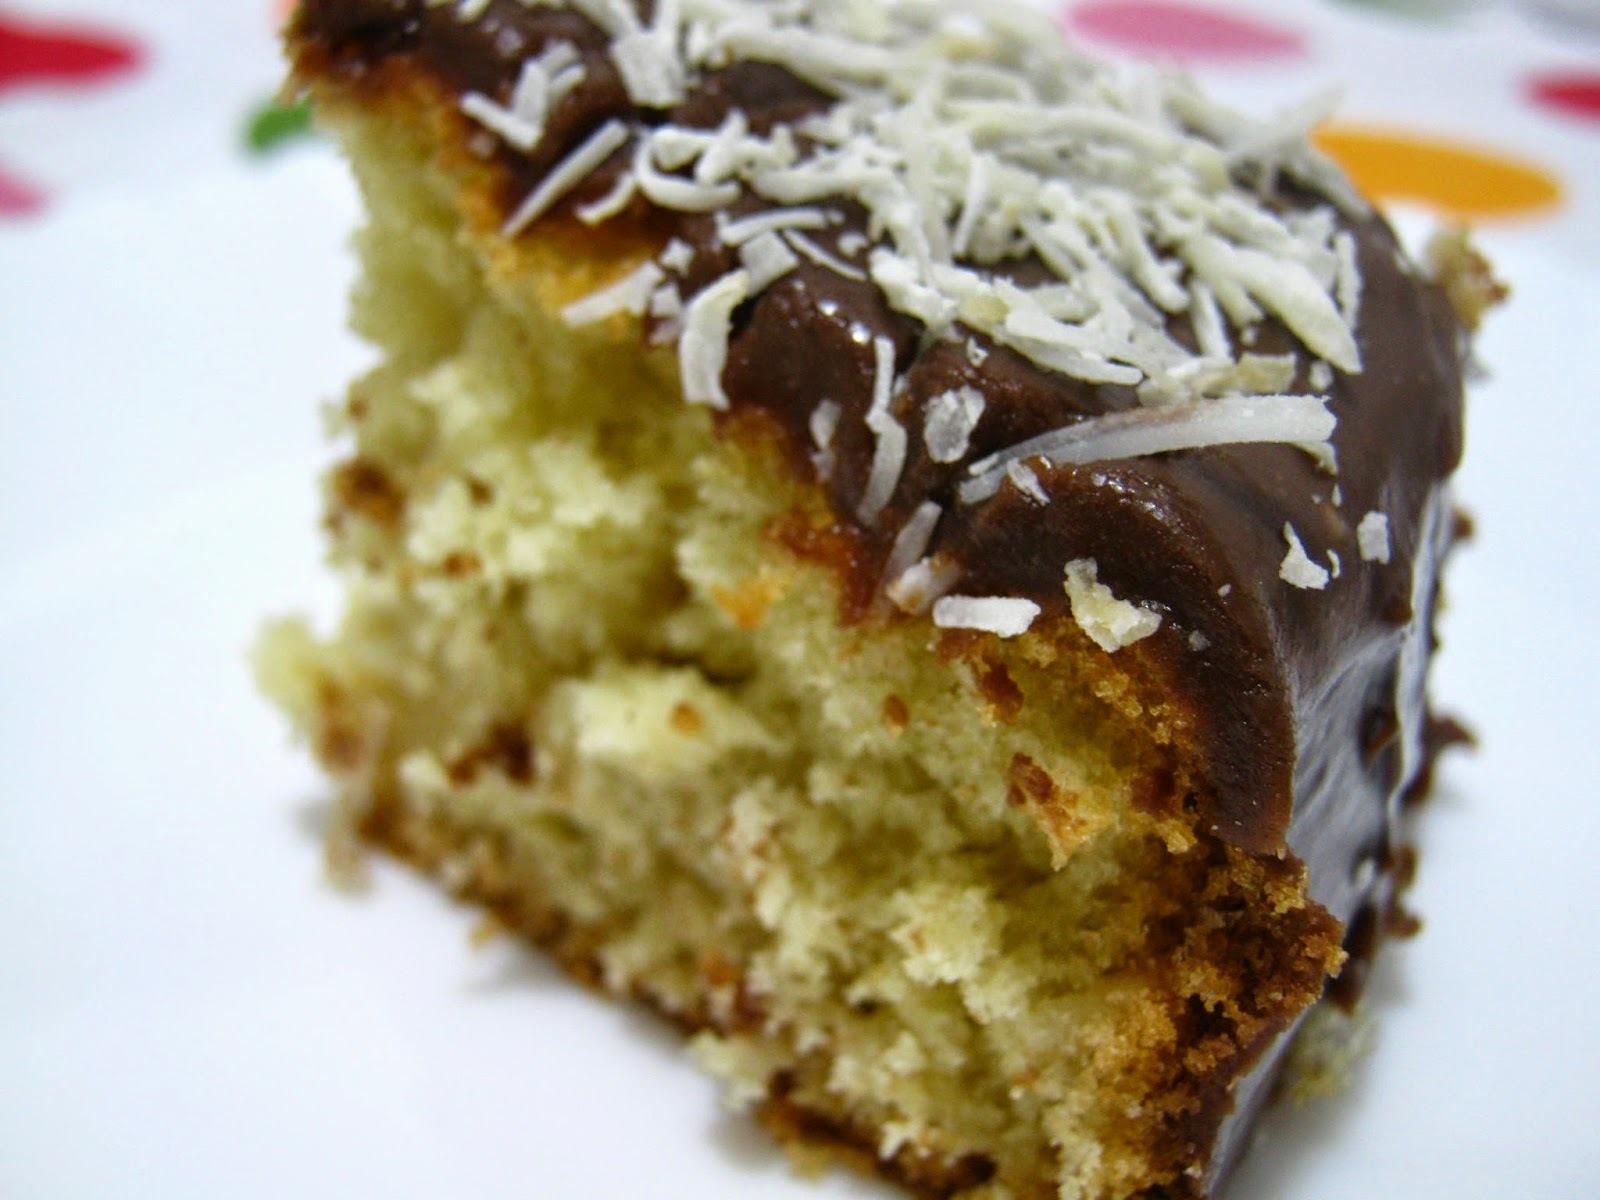 bolo de chocolate com menta com cobertura de chocolate